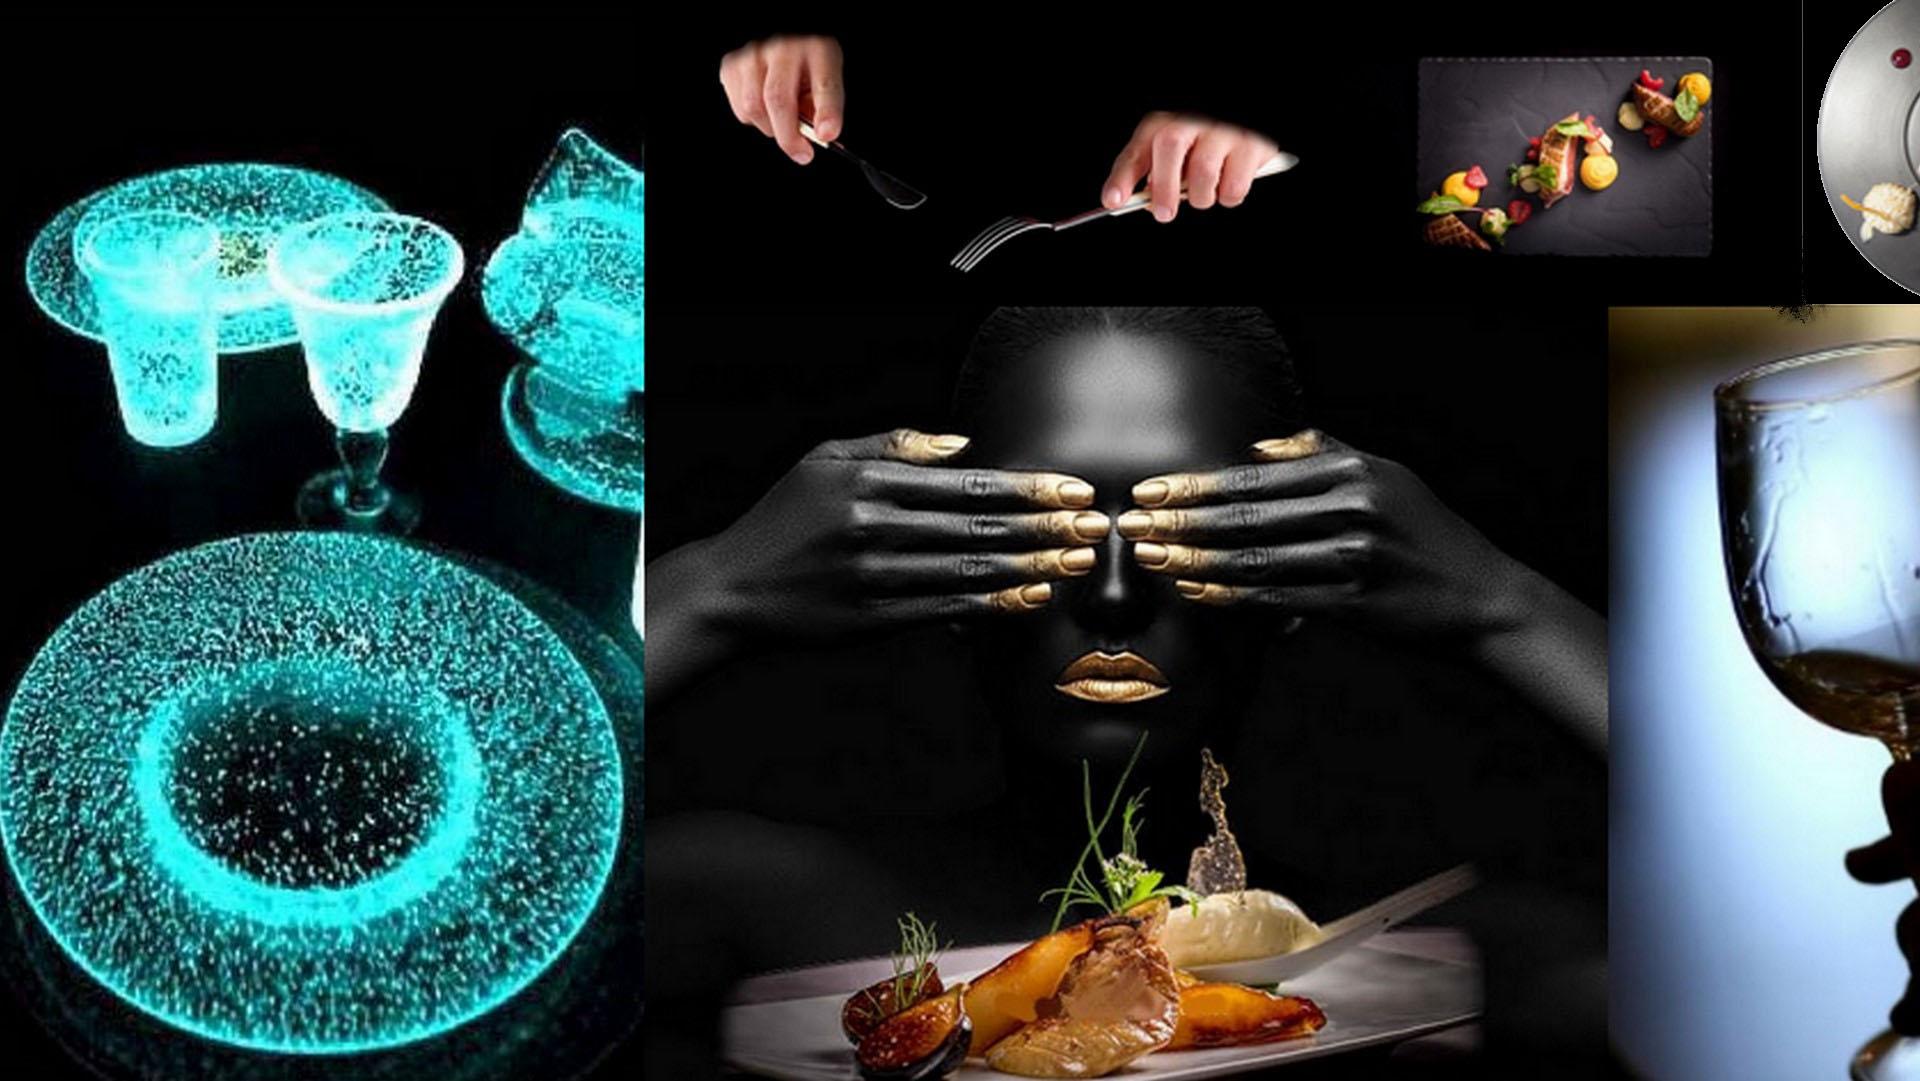 Le Diner dans le noir Verbier